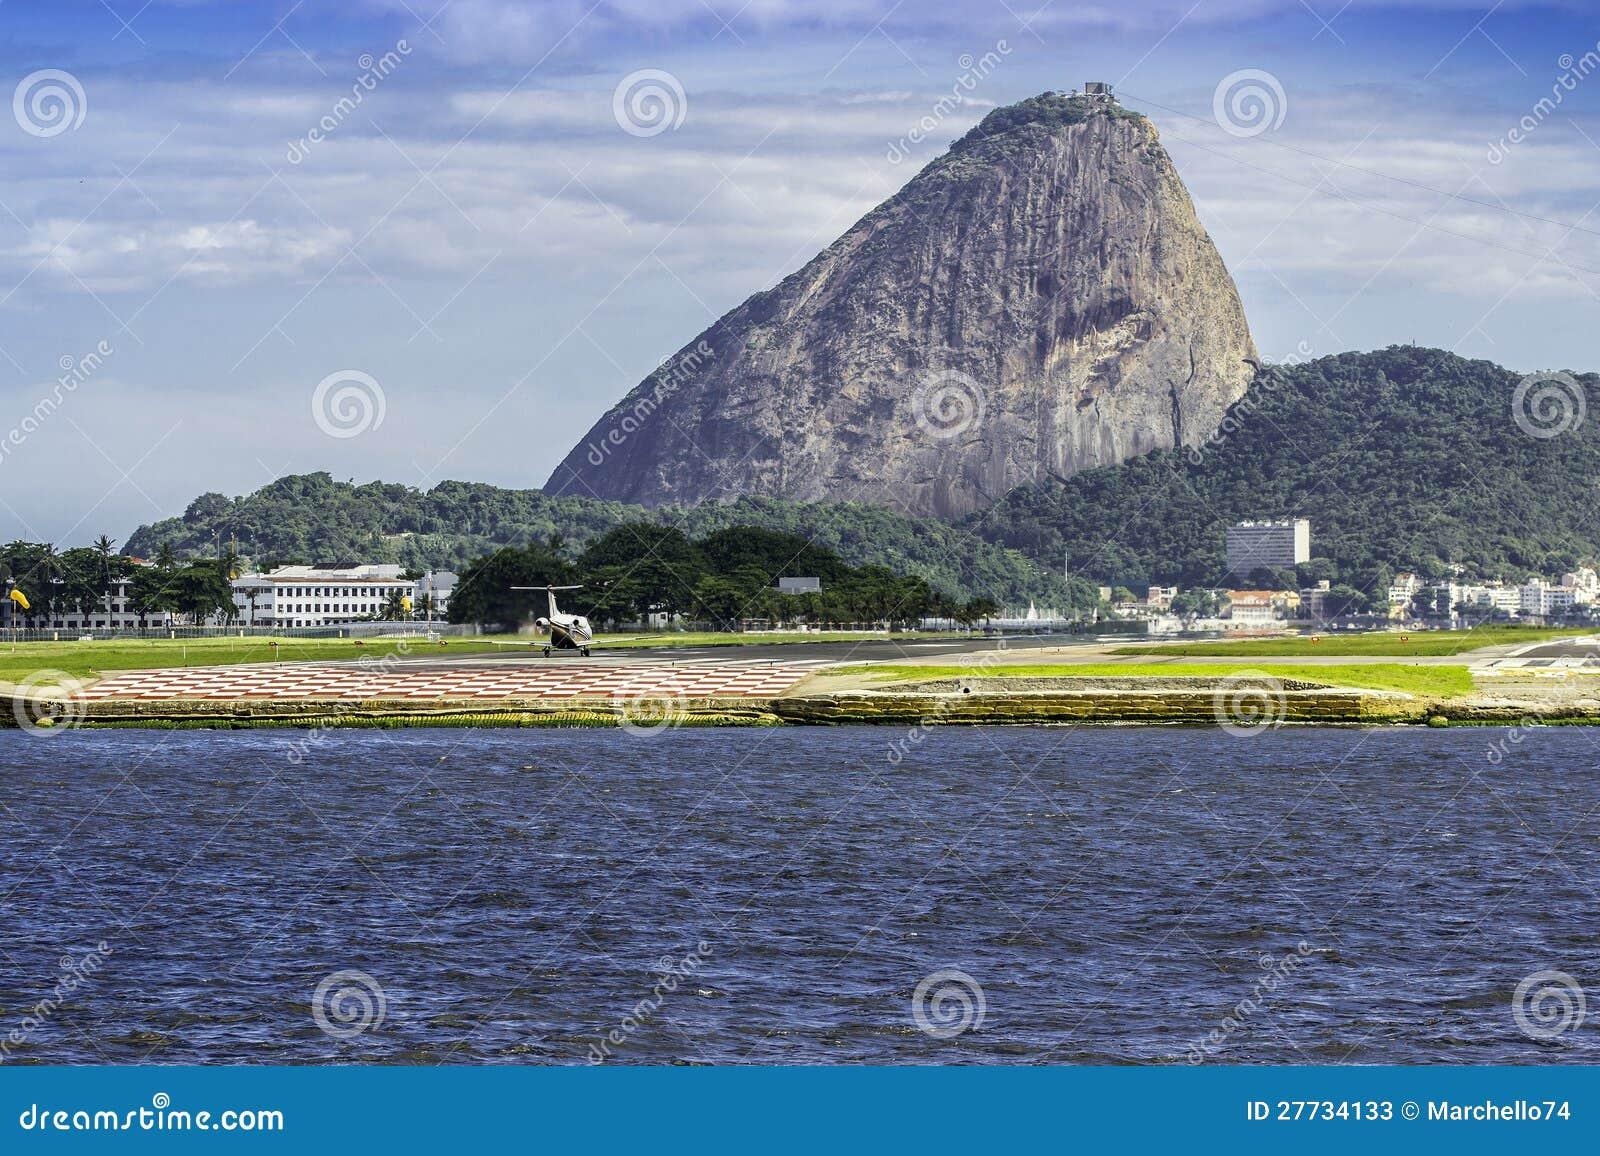 Ansicht des Zuckerlaibberges in Rio de Janeiro